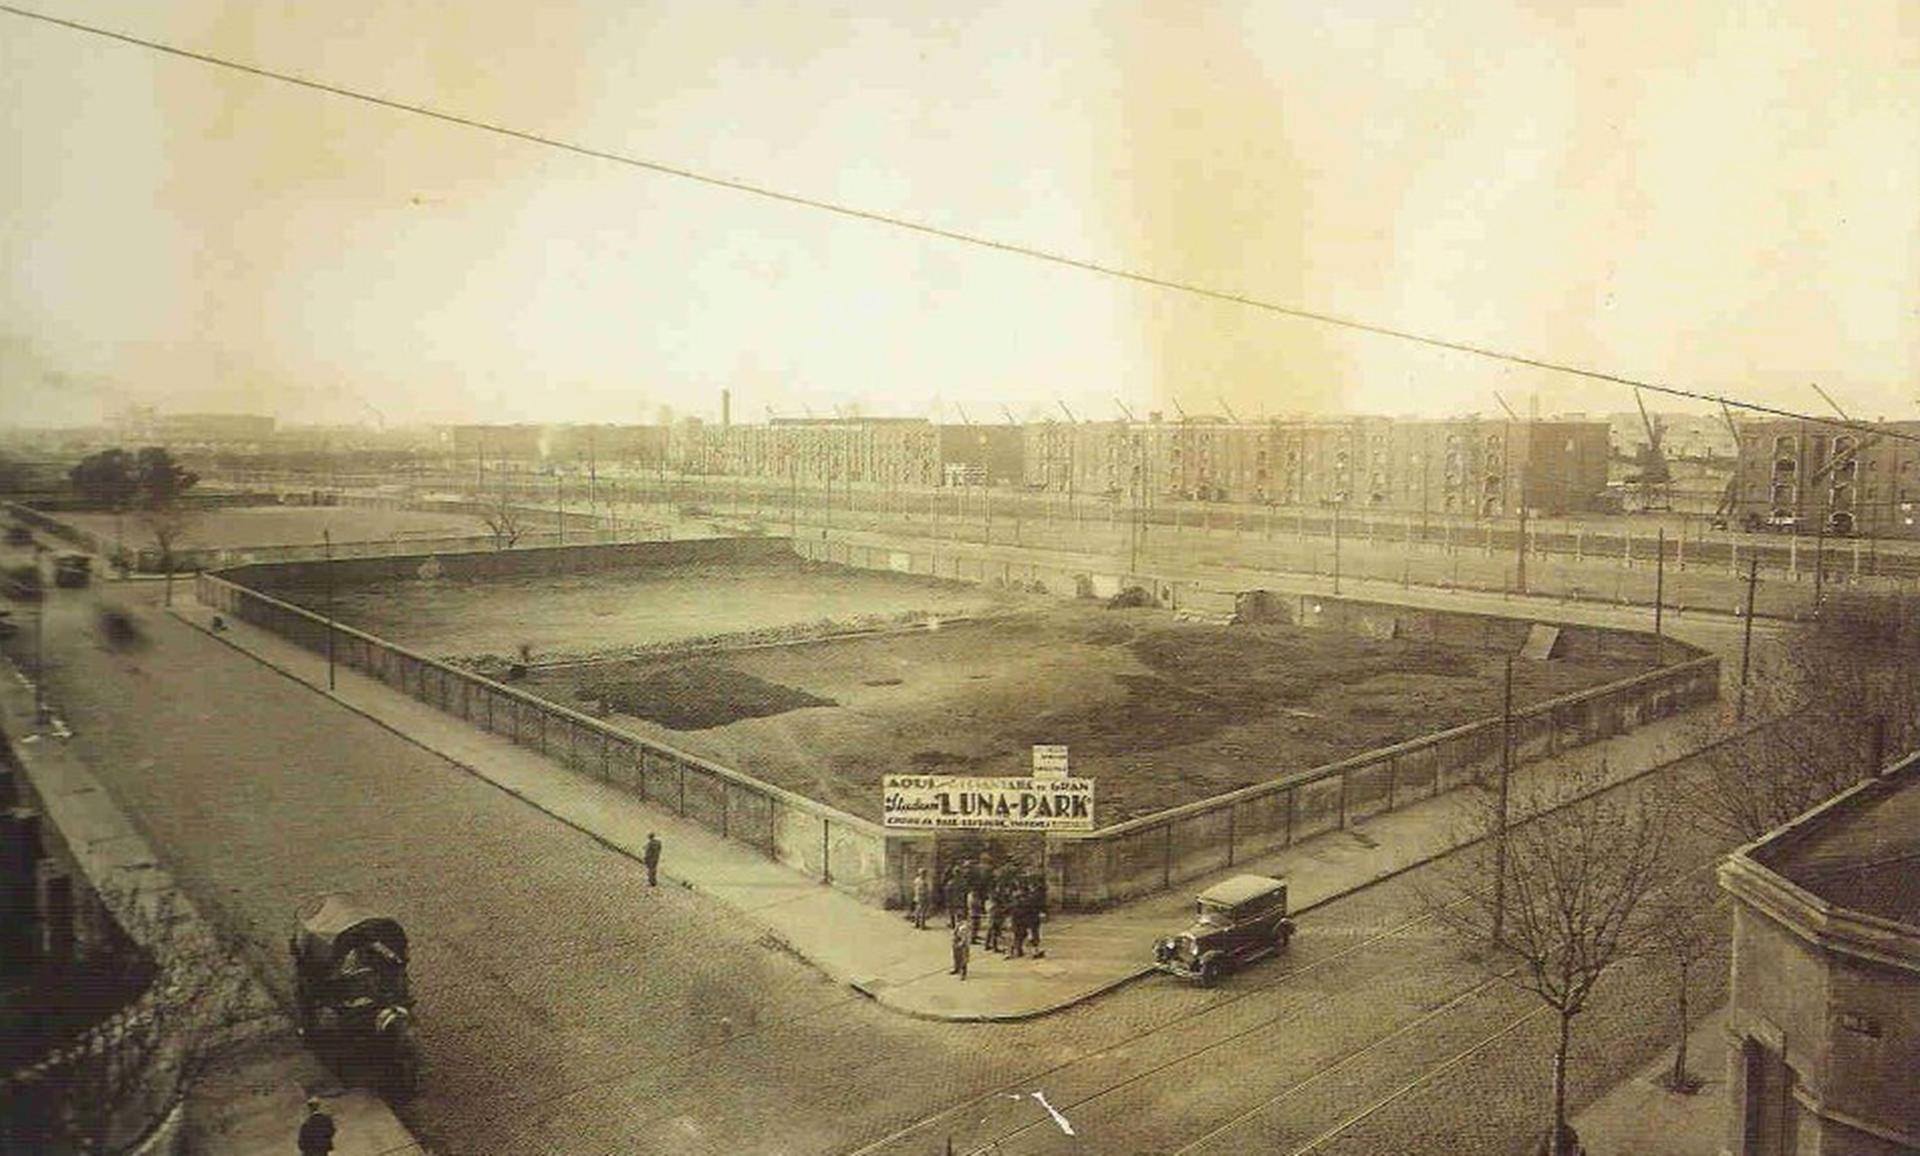 El descampado en el que se levantó el Luna Park